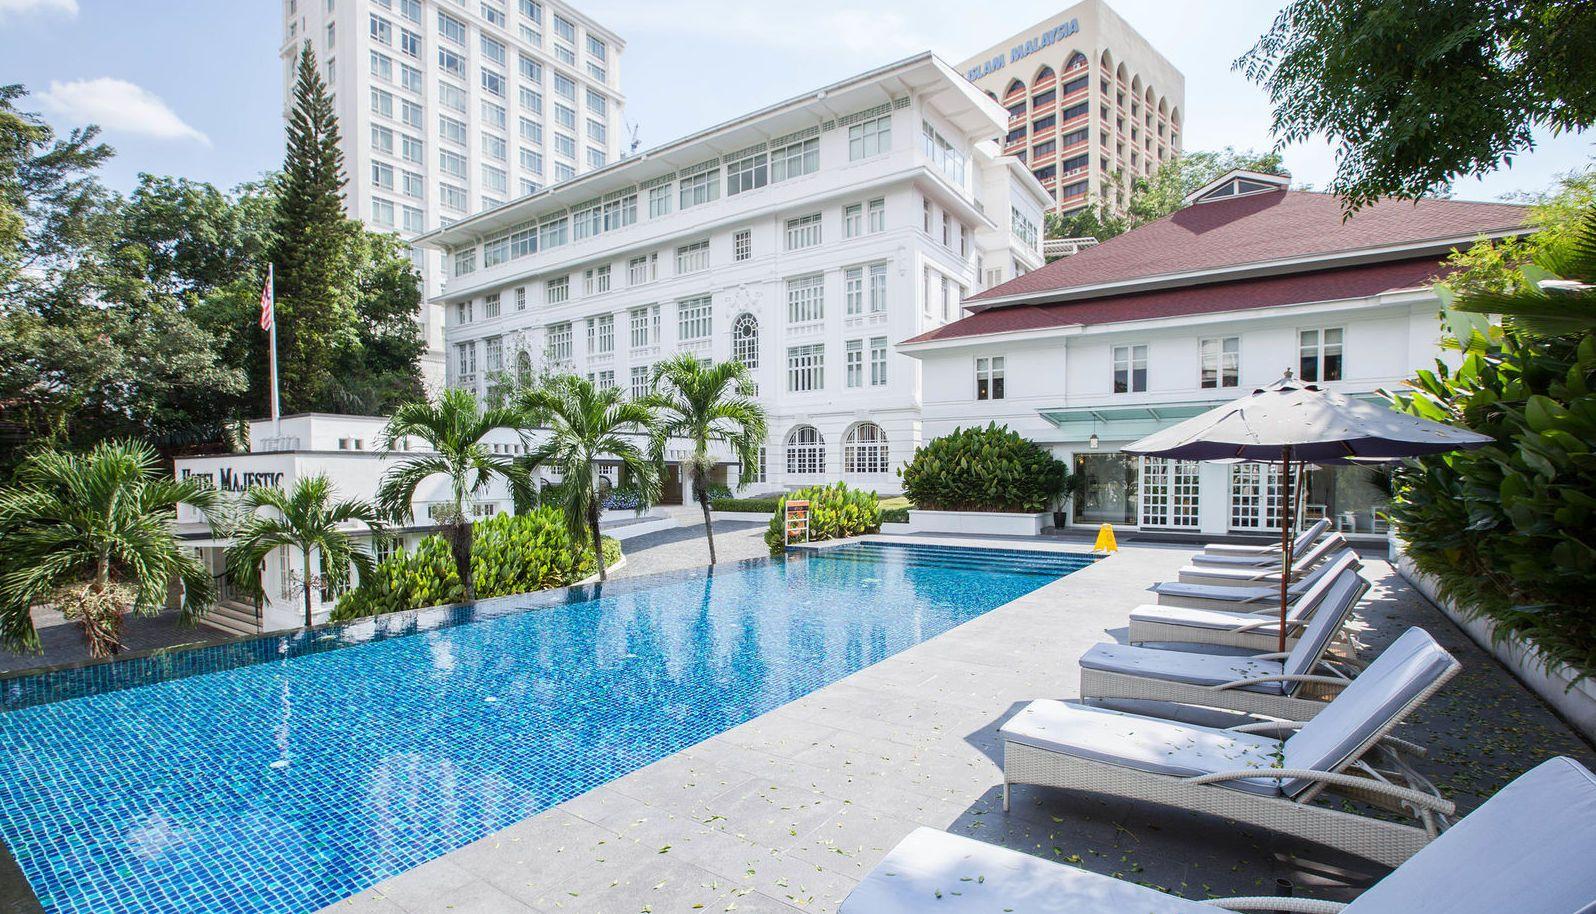 ارزانترین هتلهای مالزی